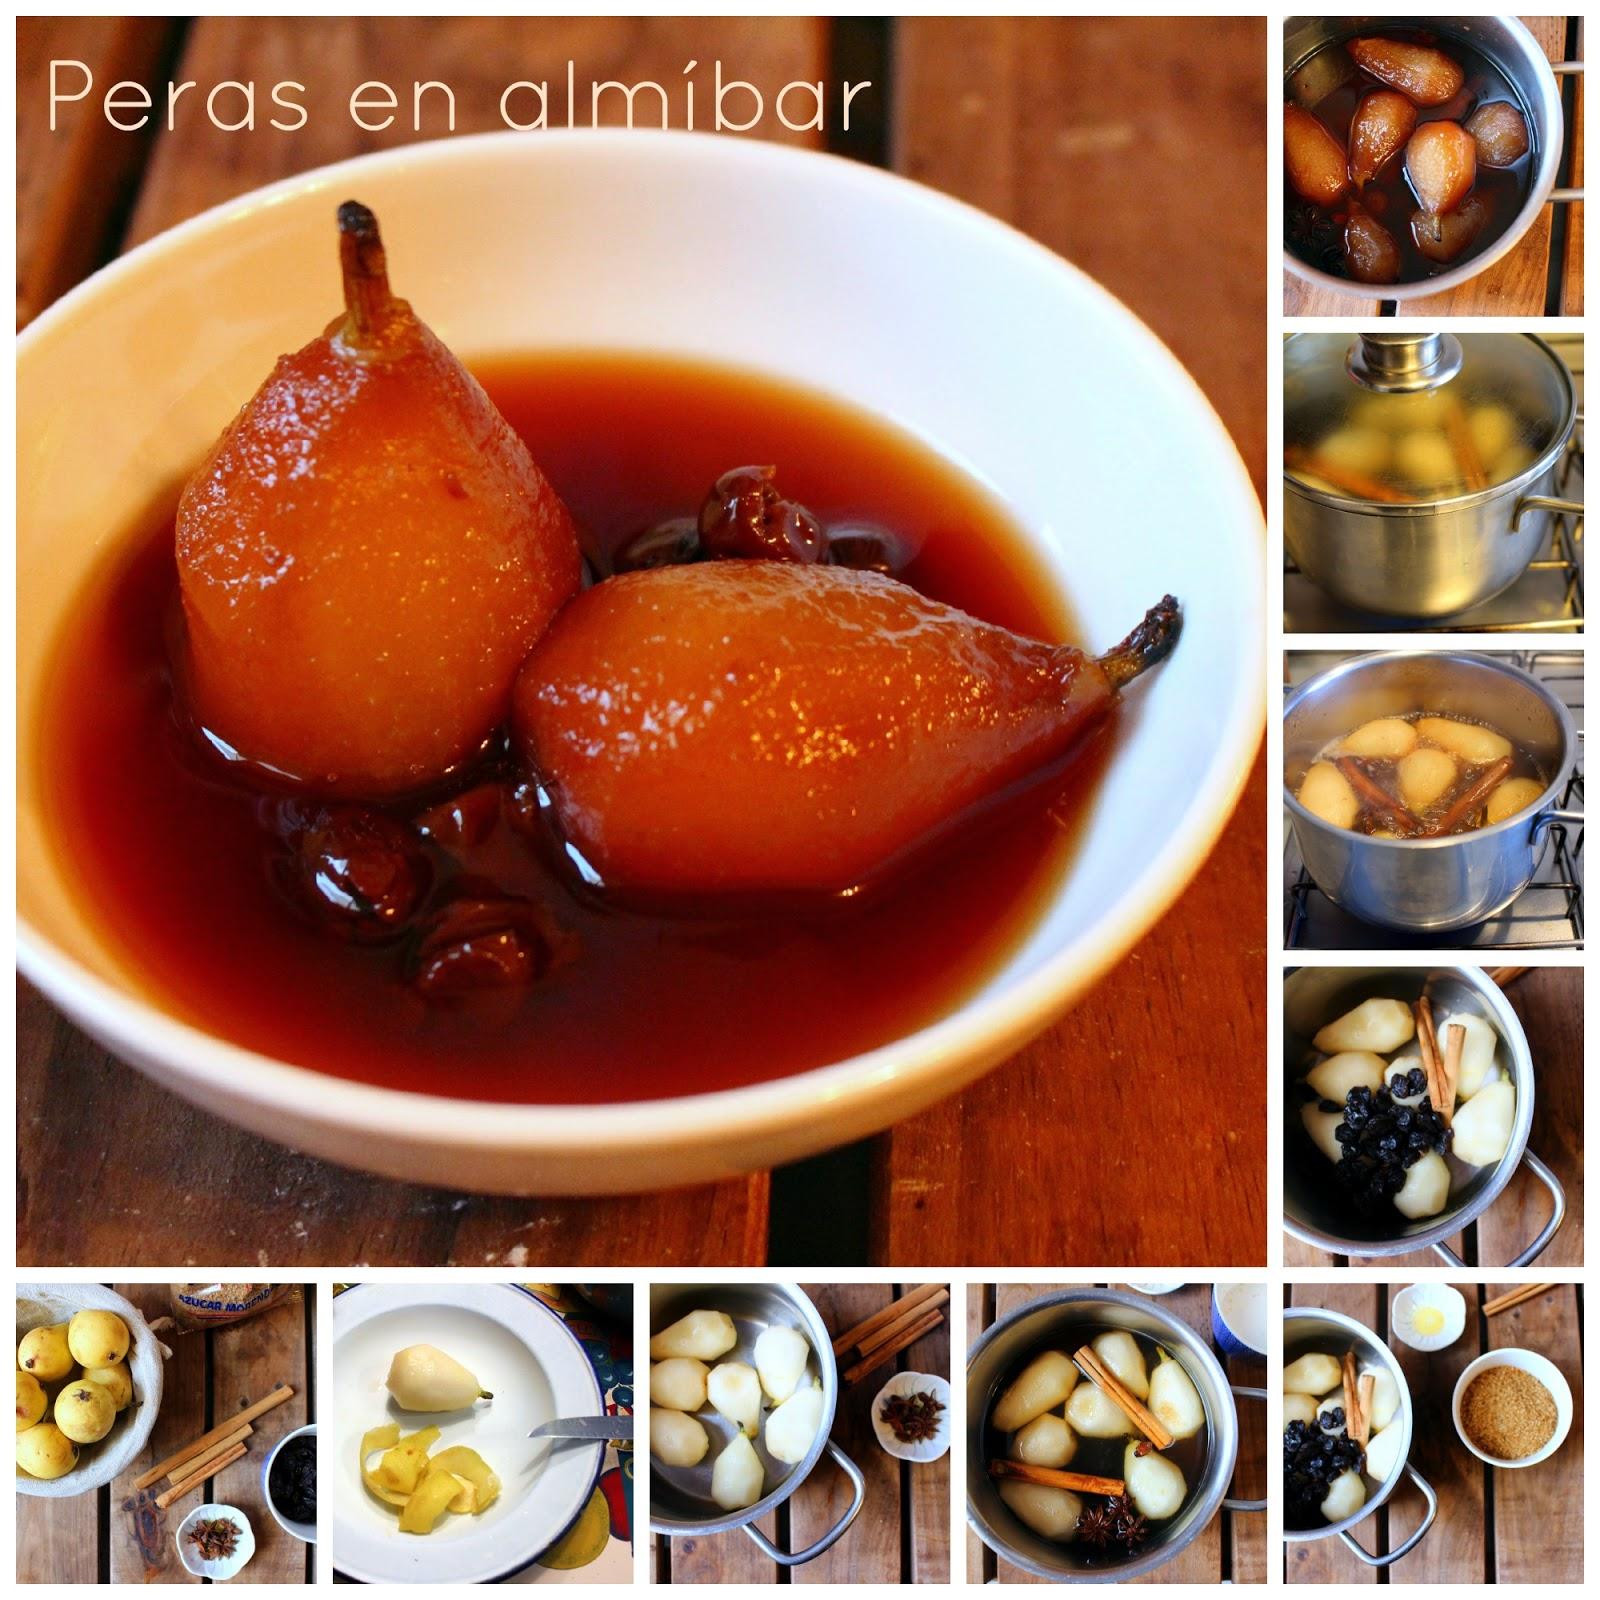 El fest n de marga peras en alm bar receta vegana - Como se hace el almibar ...